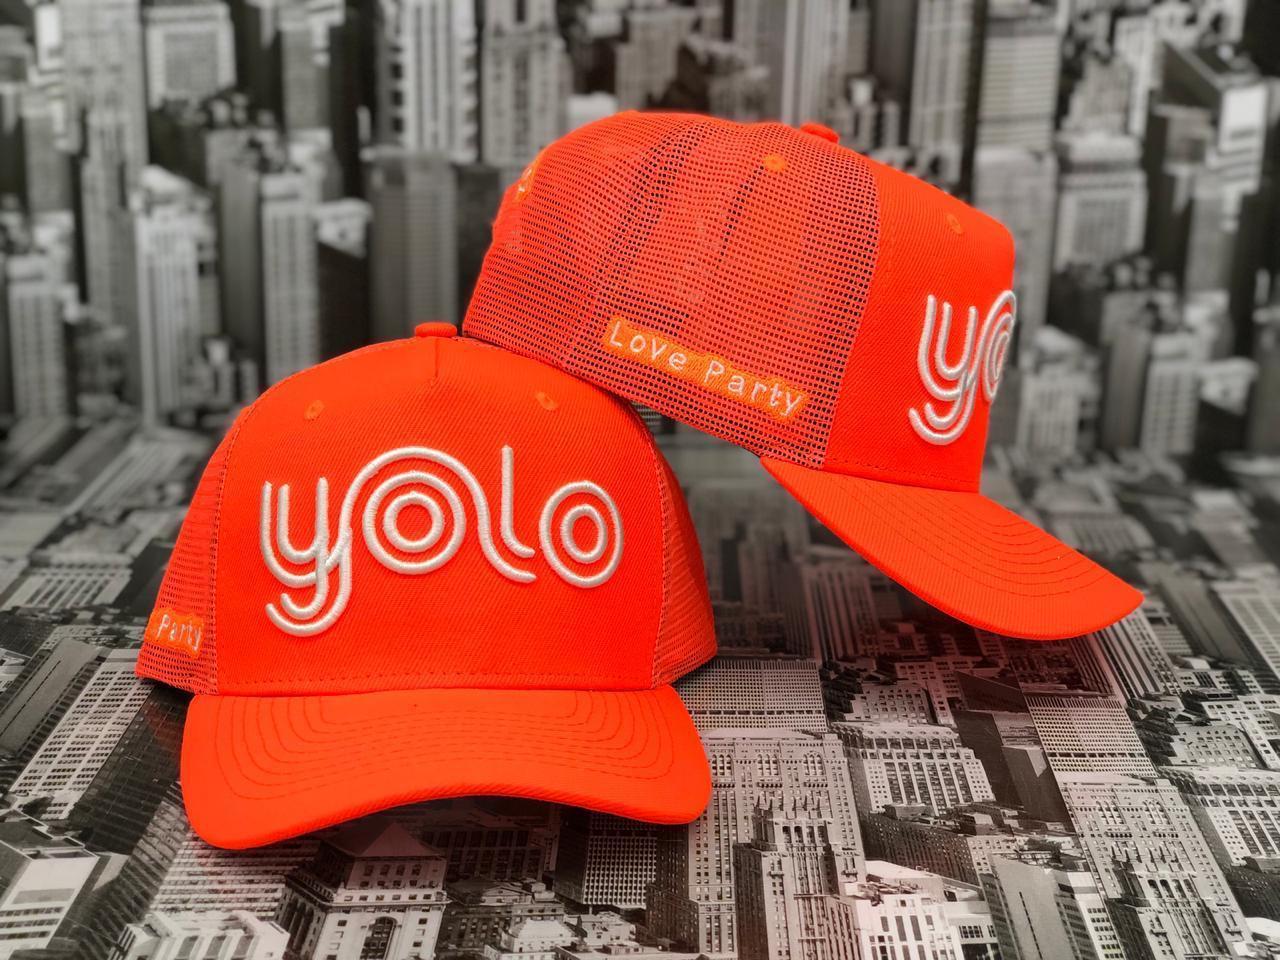 Boné Yolo laranja neon logo branco